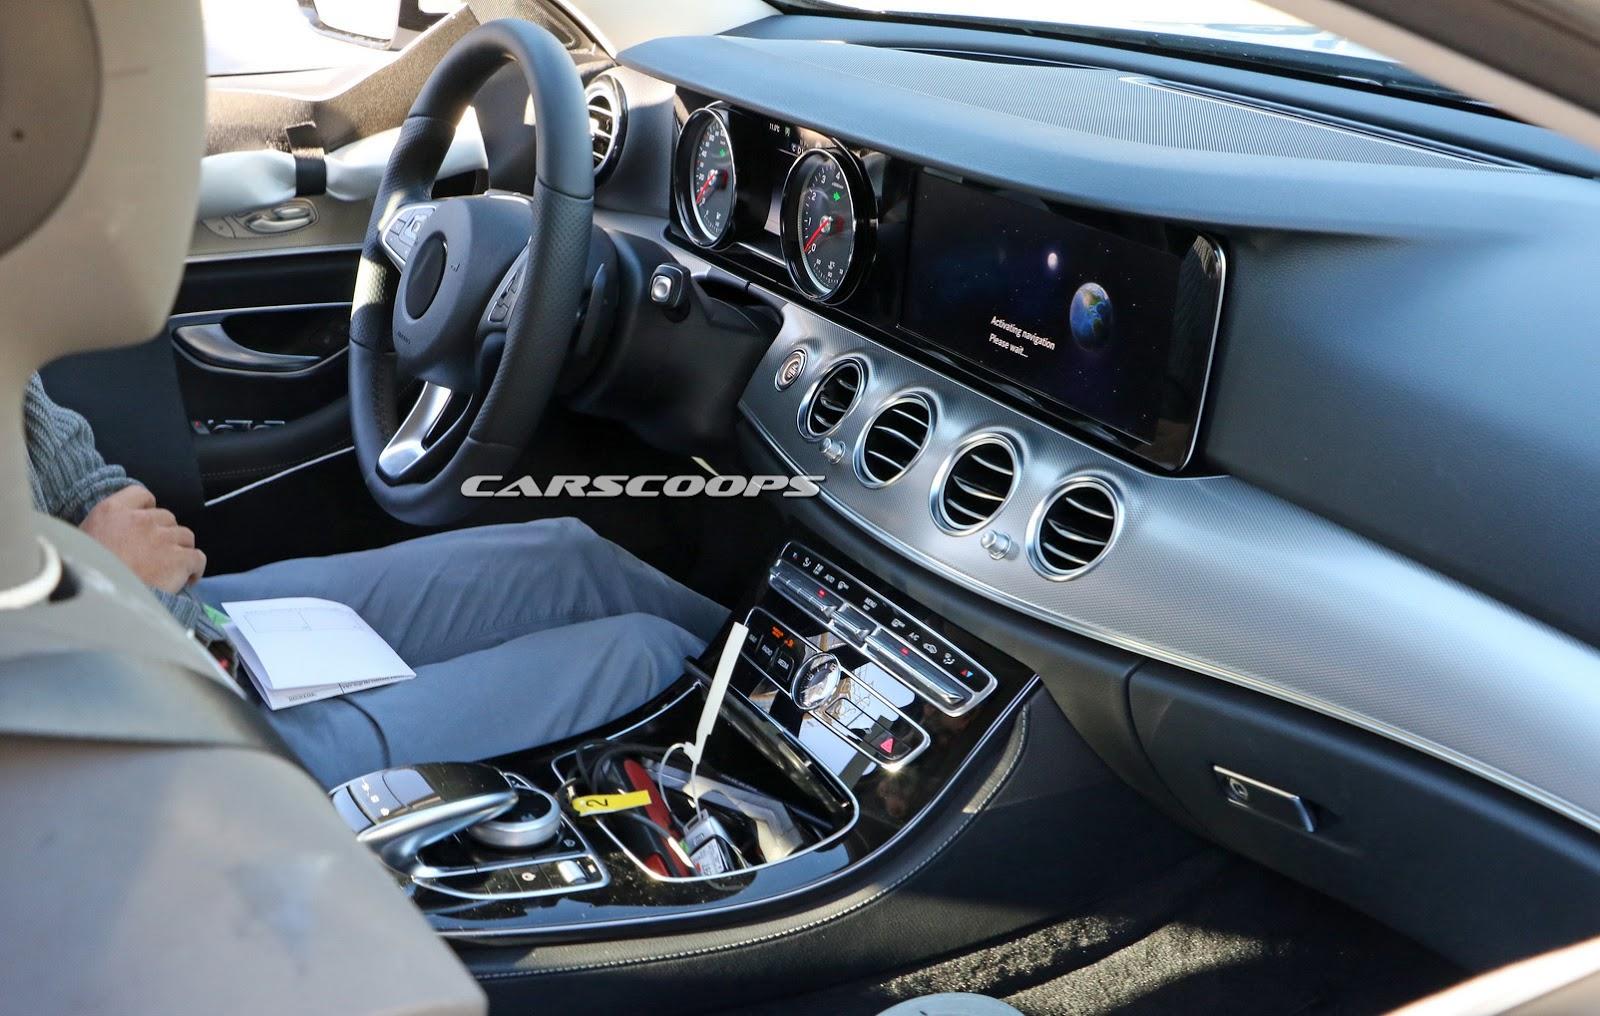 Next Gen Mercedes Benz E Class Shows S Class Inspired Interior